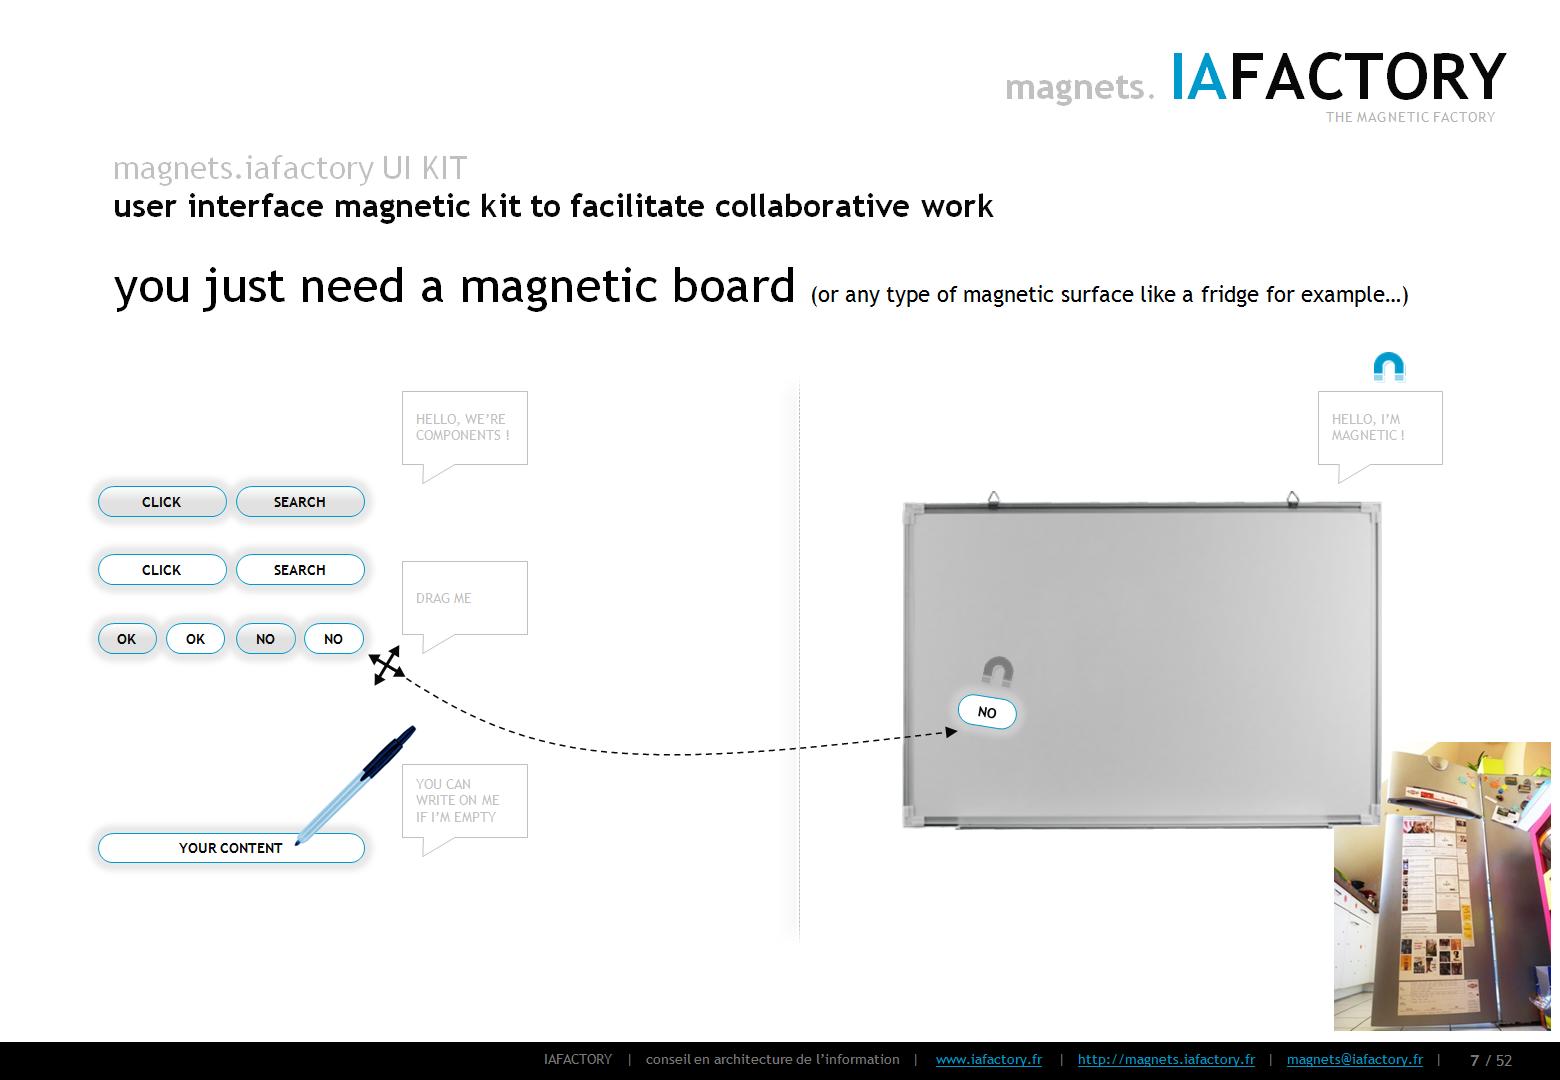 magnets.iafactory (interface utilisateur magnétique) concept 05